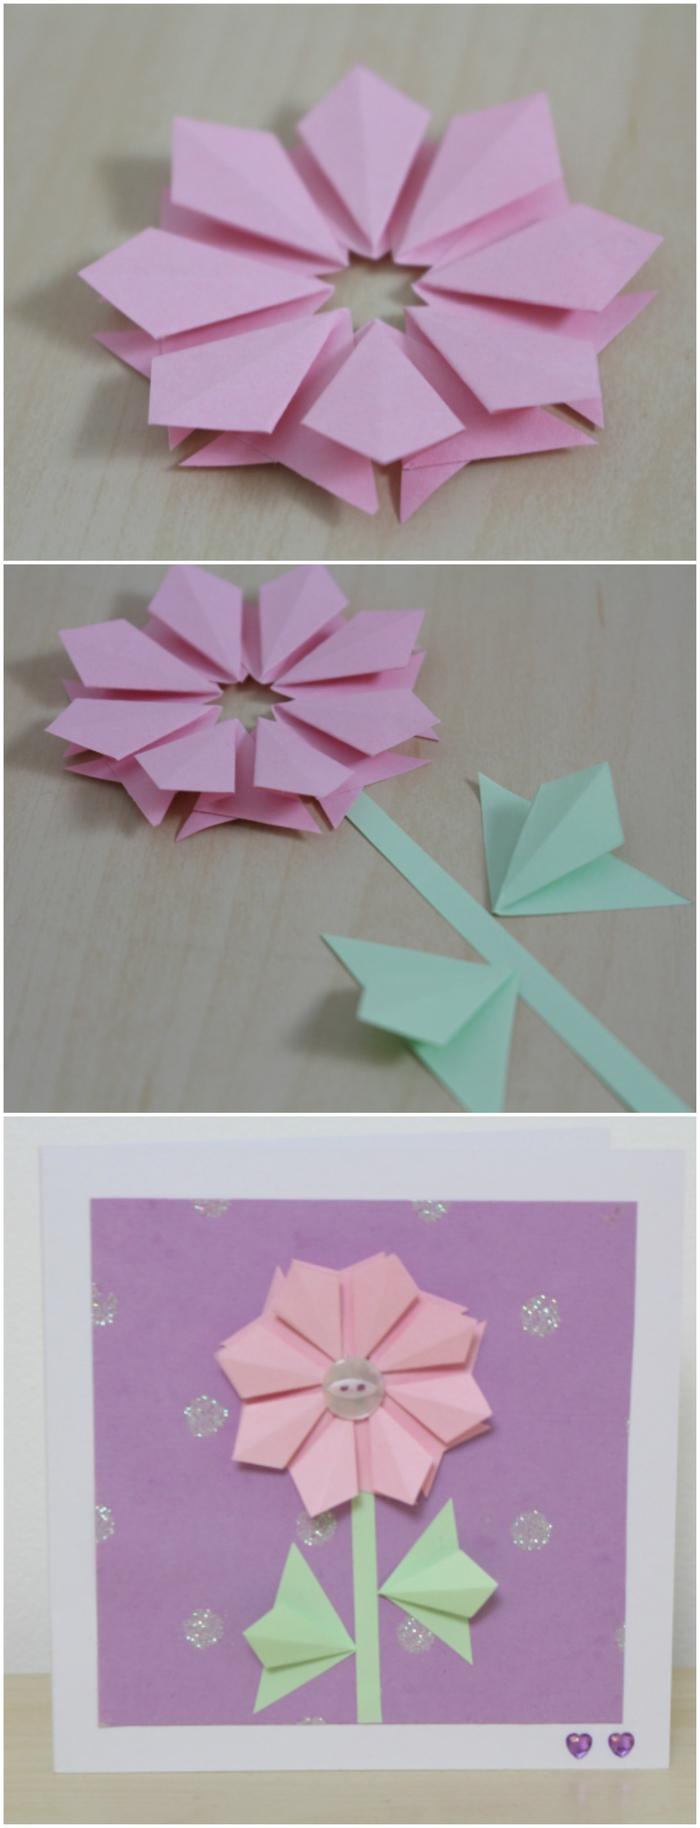 une carte de voeux personnalisée avec une fleur en origami, idée pour une carte de voeux personnalisée pour la fête des mères